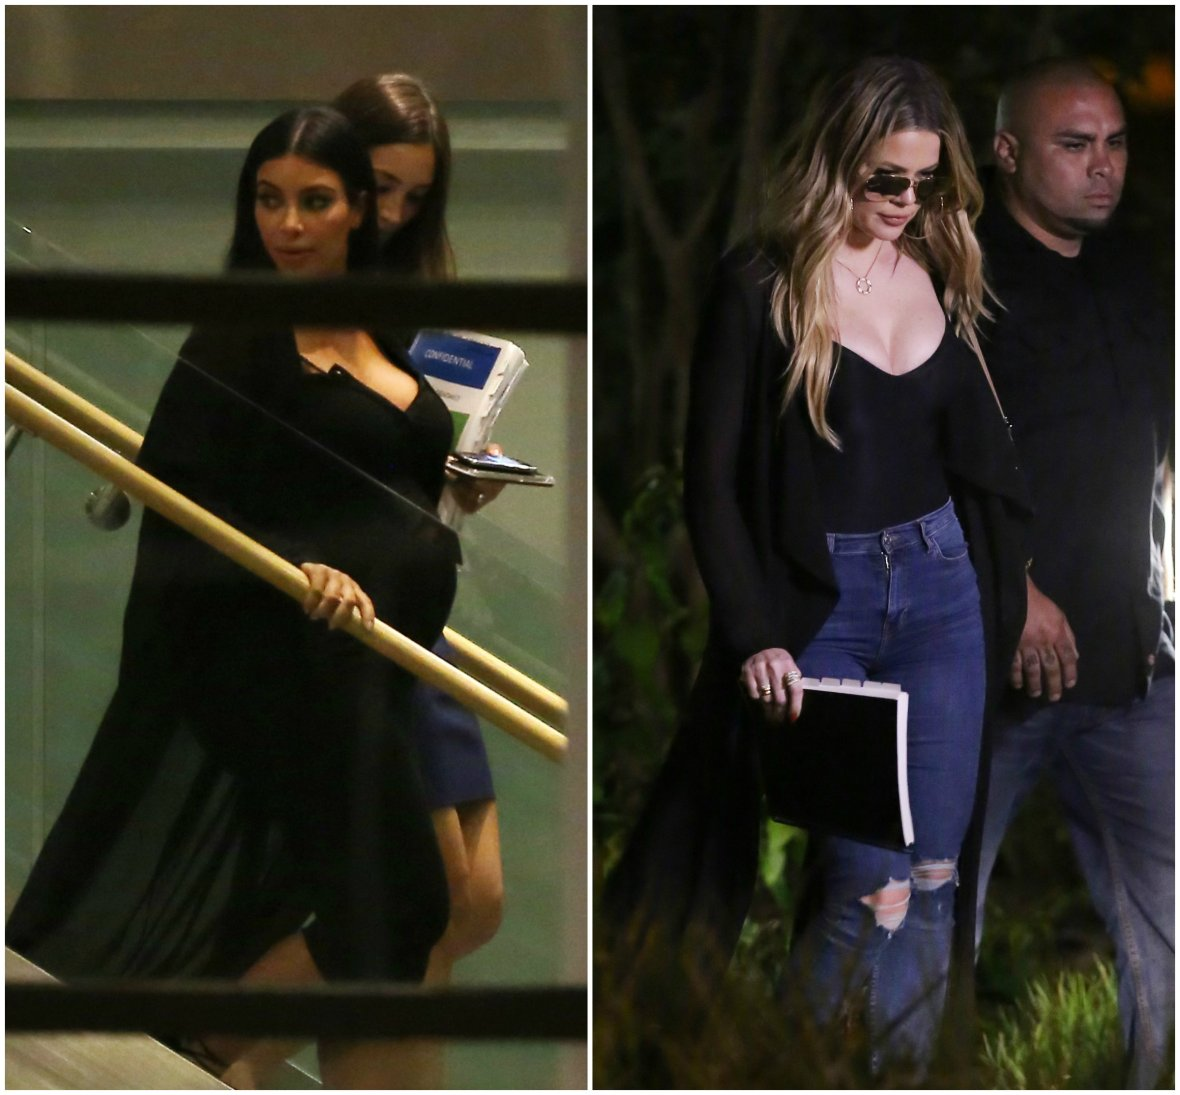 kim and khloe kardashian meet plast surgeon